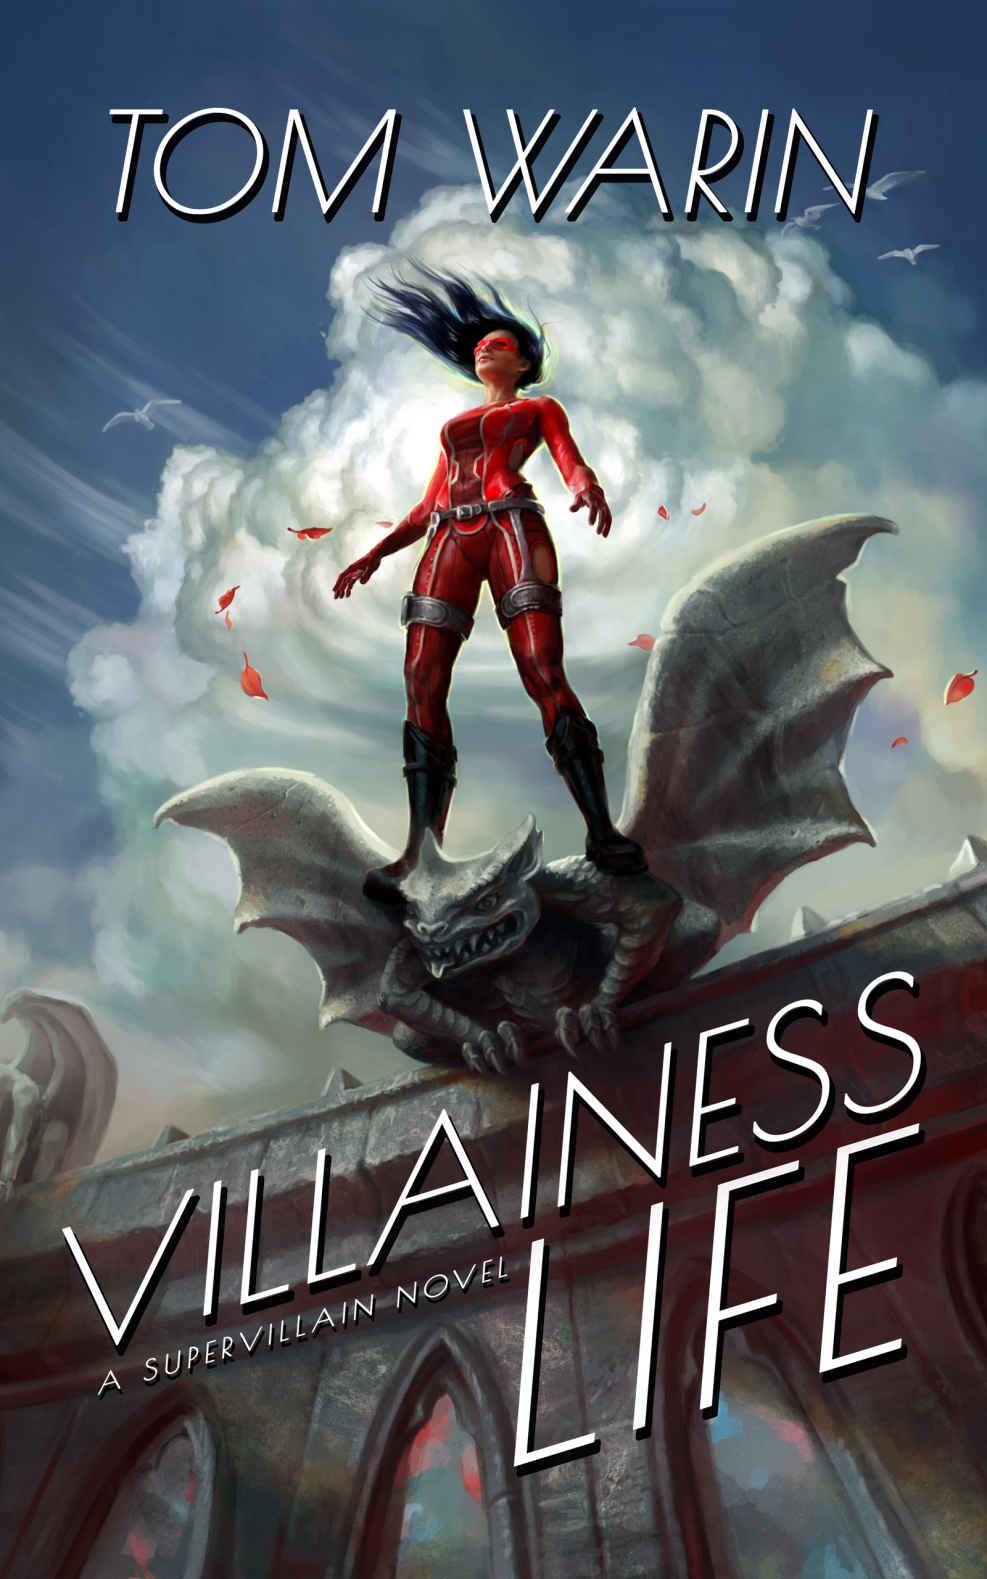 36+ Super villainess info